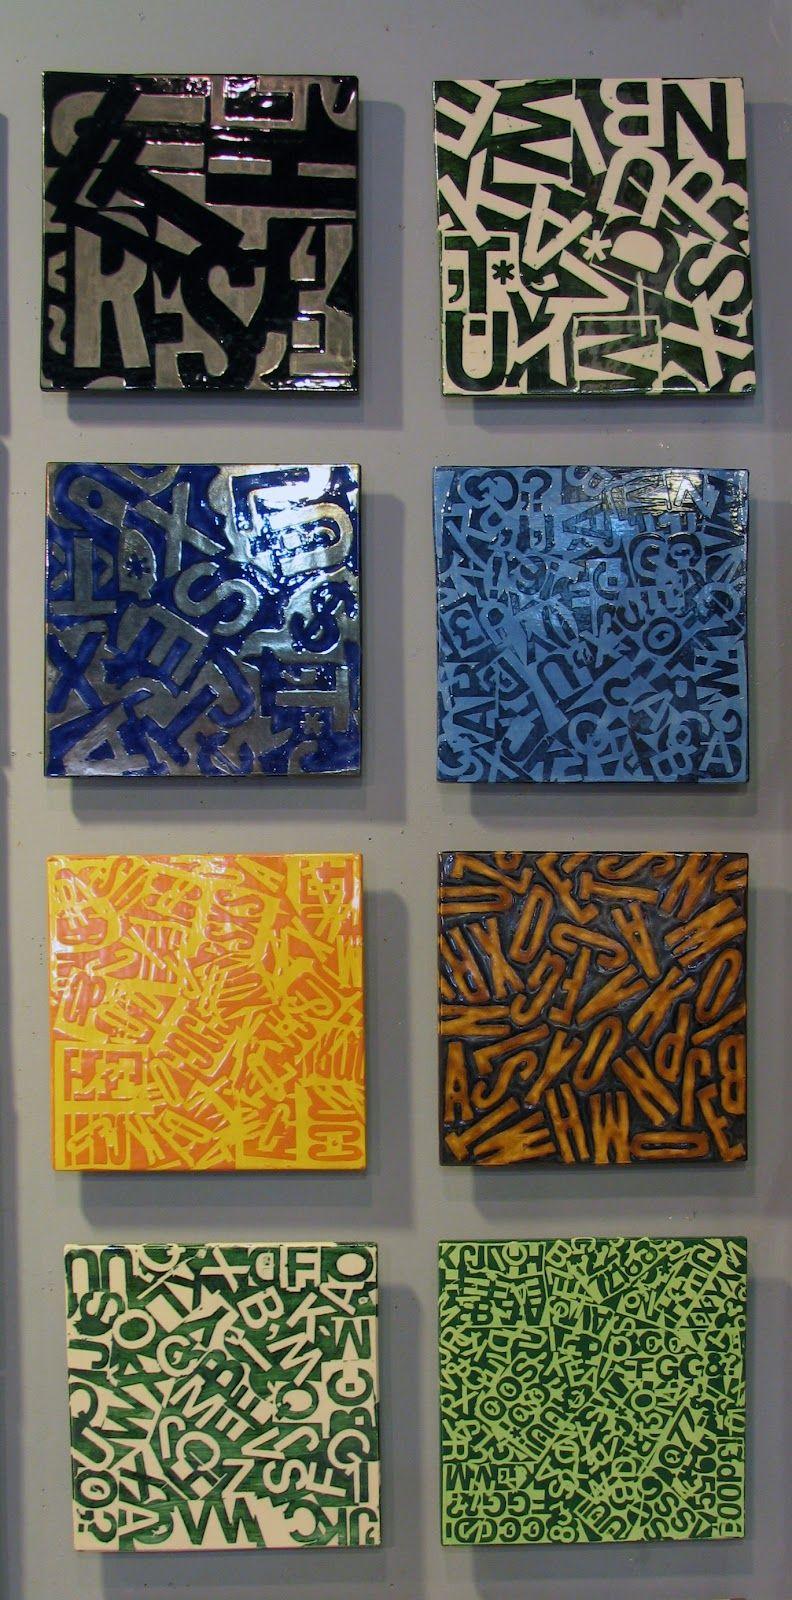 Letterfields Ceramic Tile Mural Wall Art By Jasonmessingerart